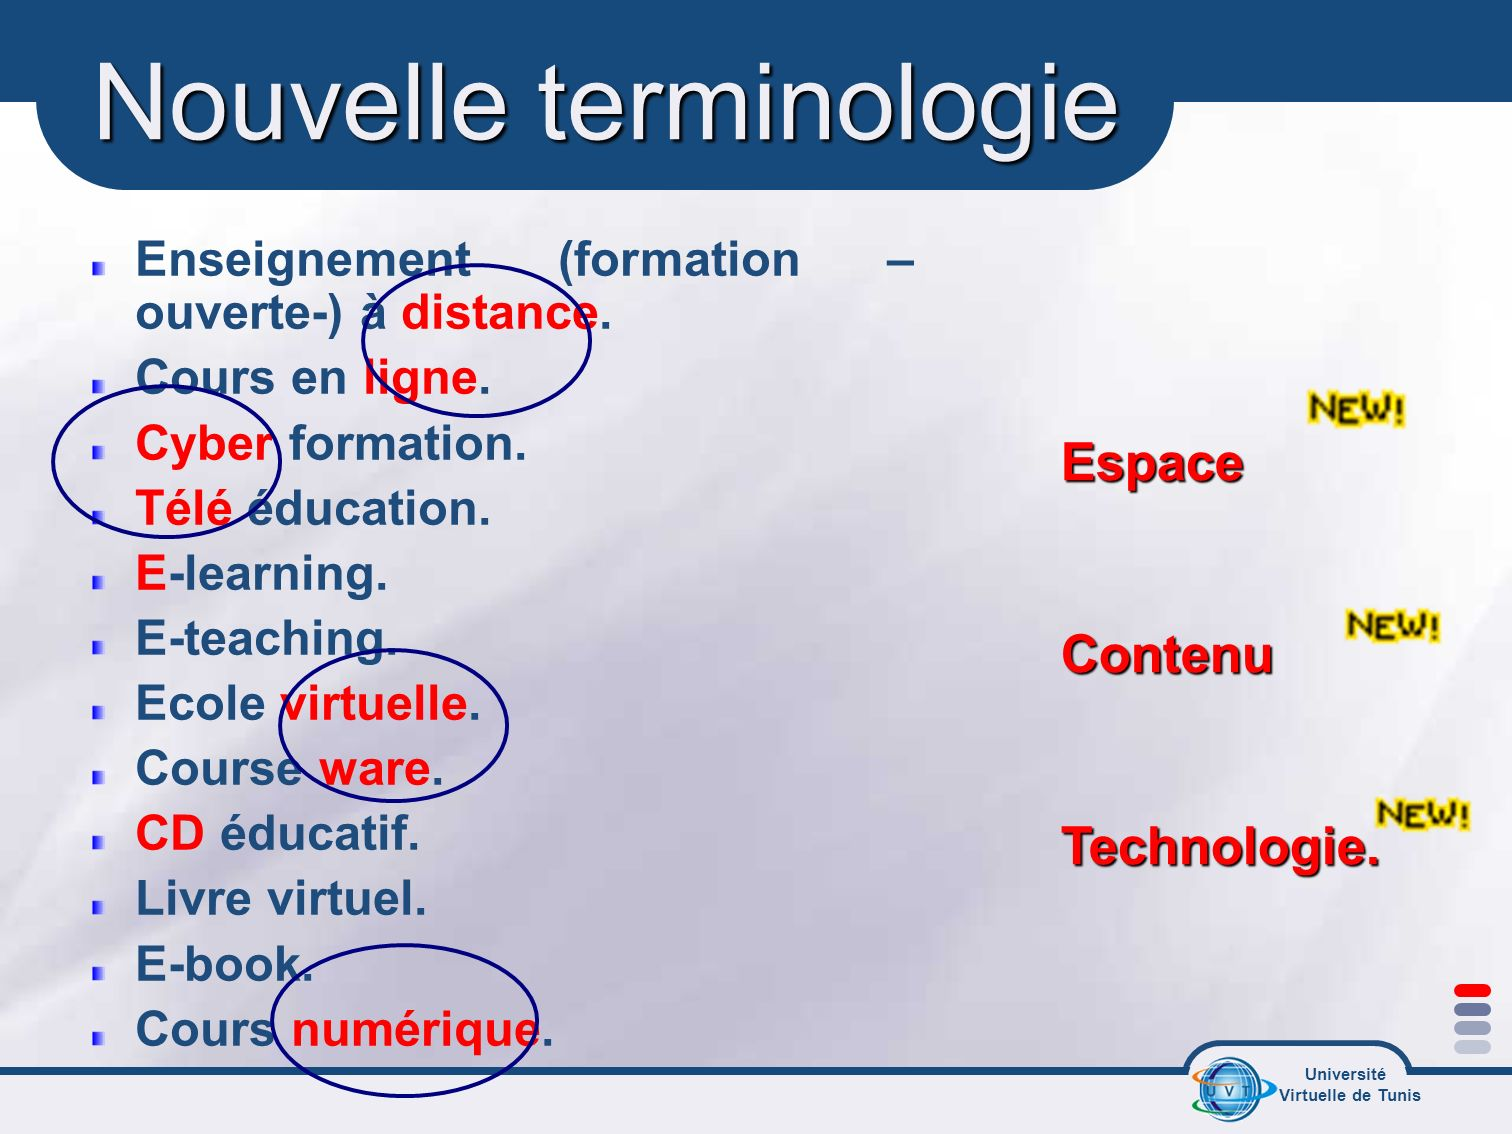 Université Virtuelle de Tunis Données clés sur les RPL de lUVT 3000 Estimation du nombre de cours enseignés en Tunisie : 3000 cours.